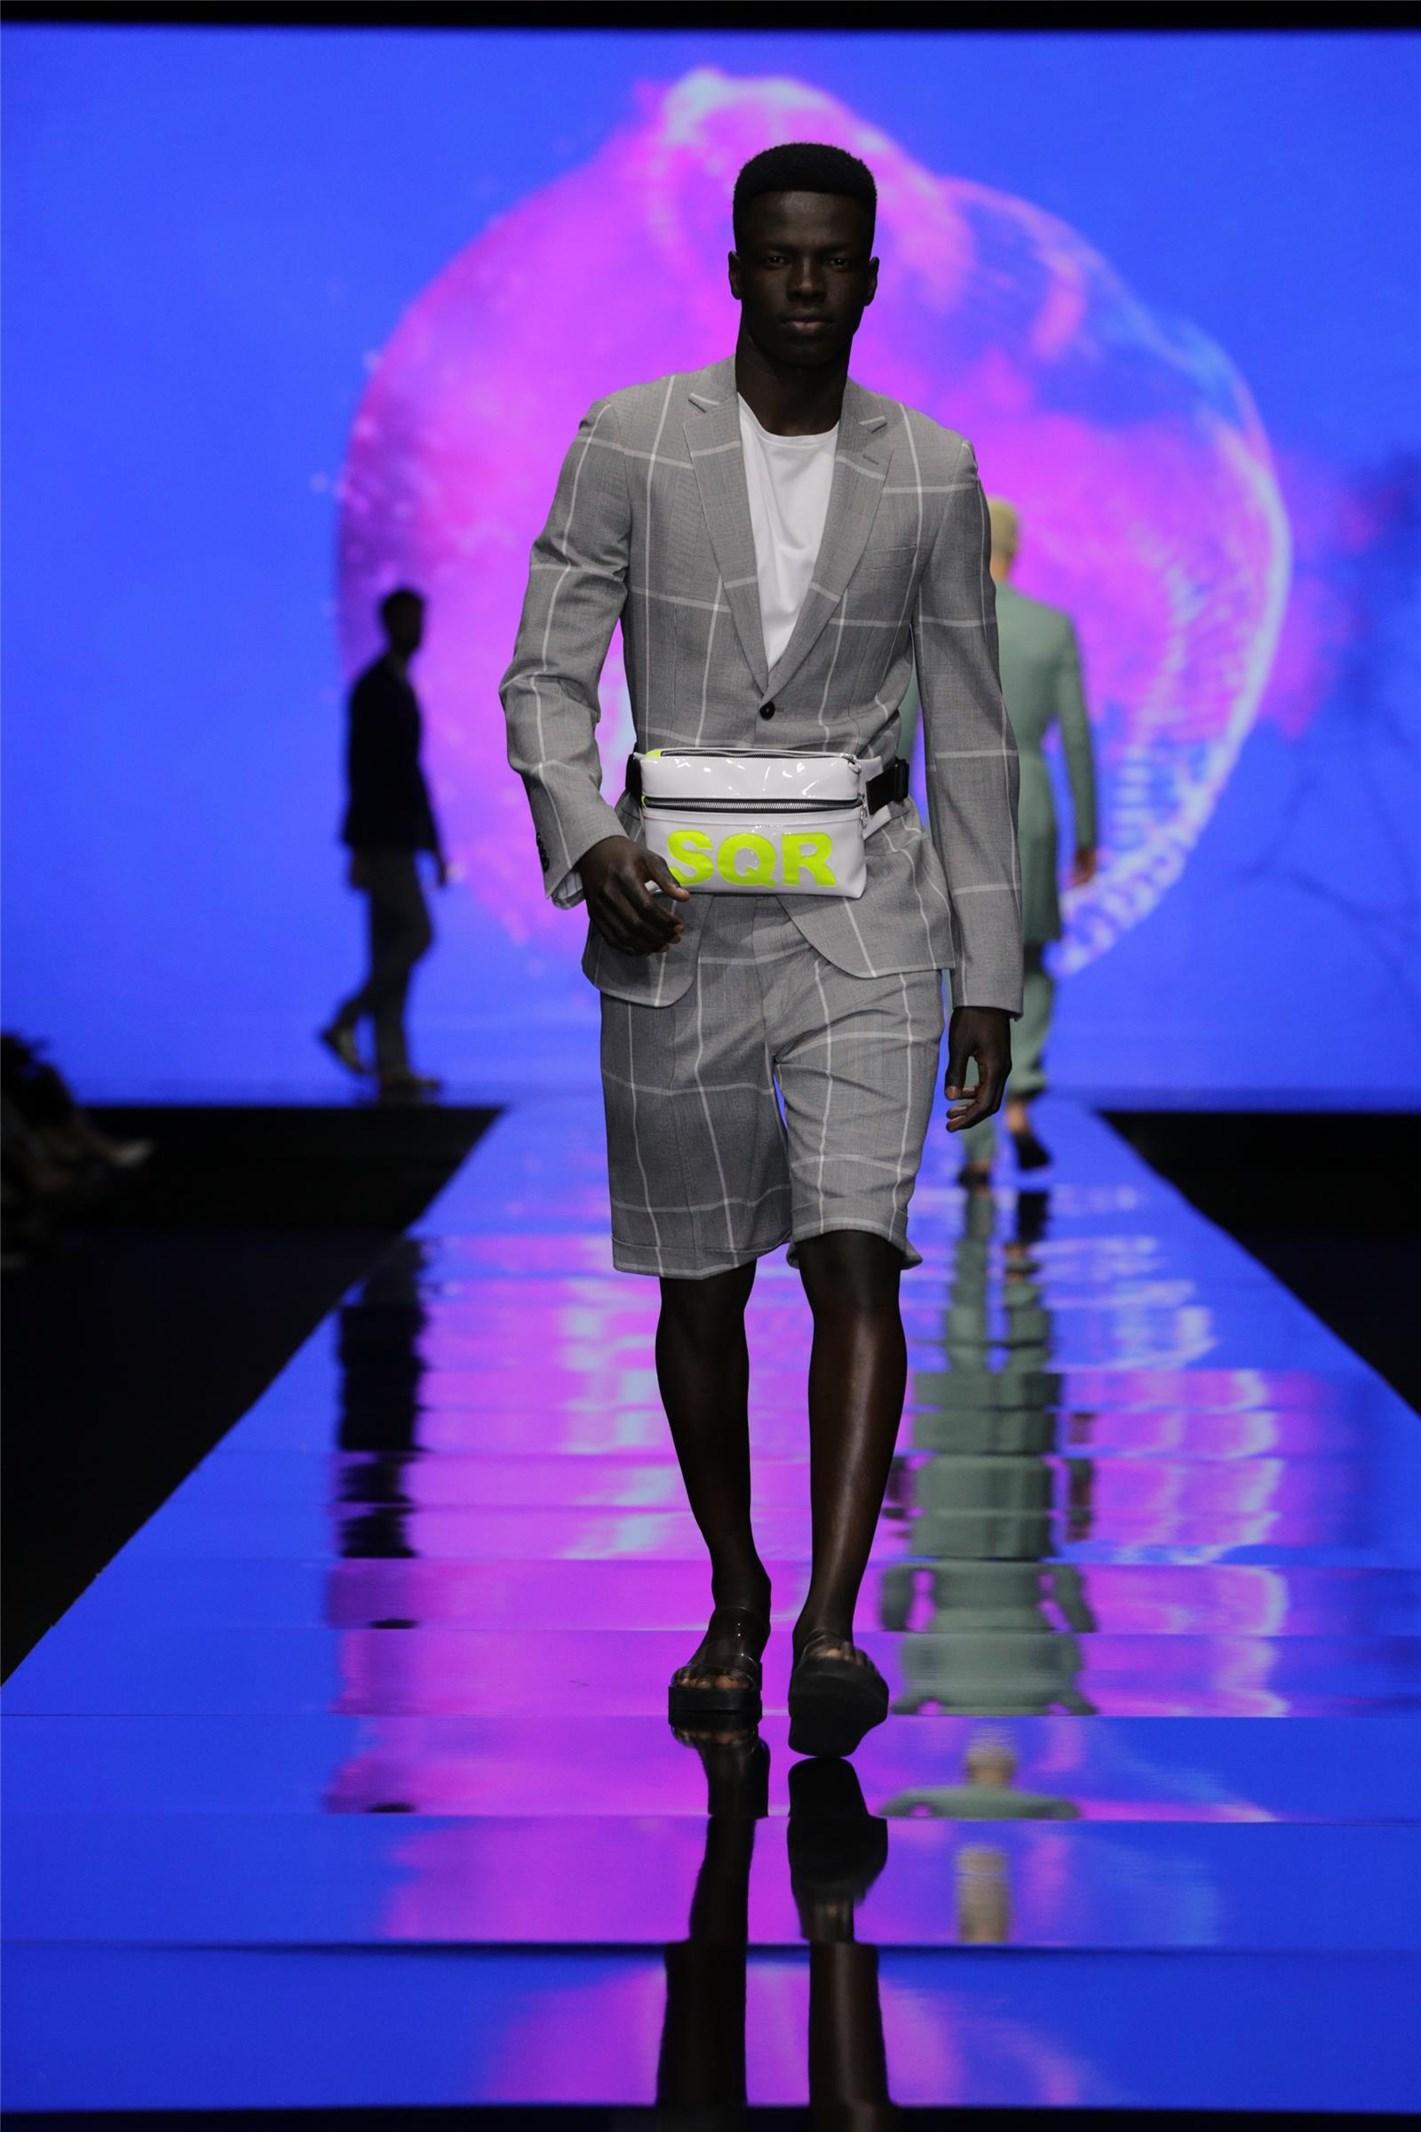 חליפה של באמוס (צילום: אבי ולדמן)